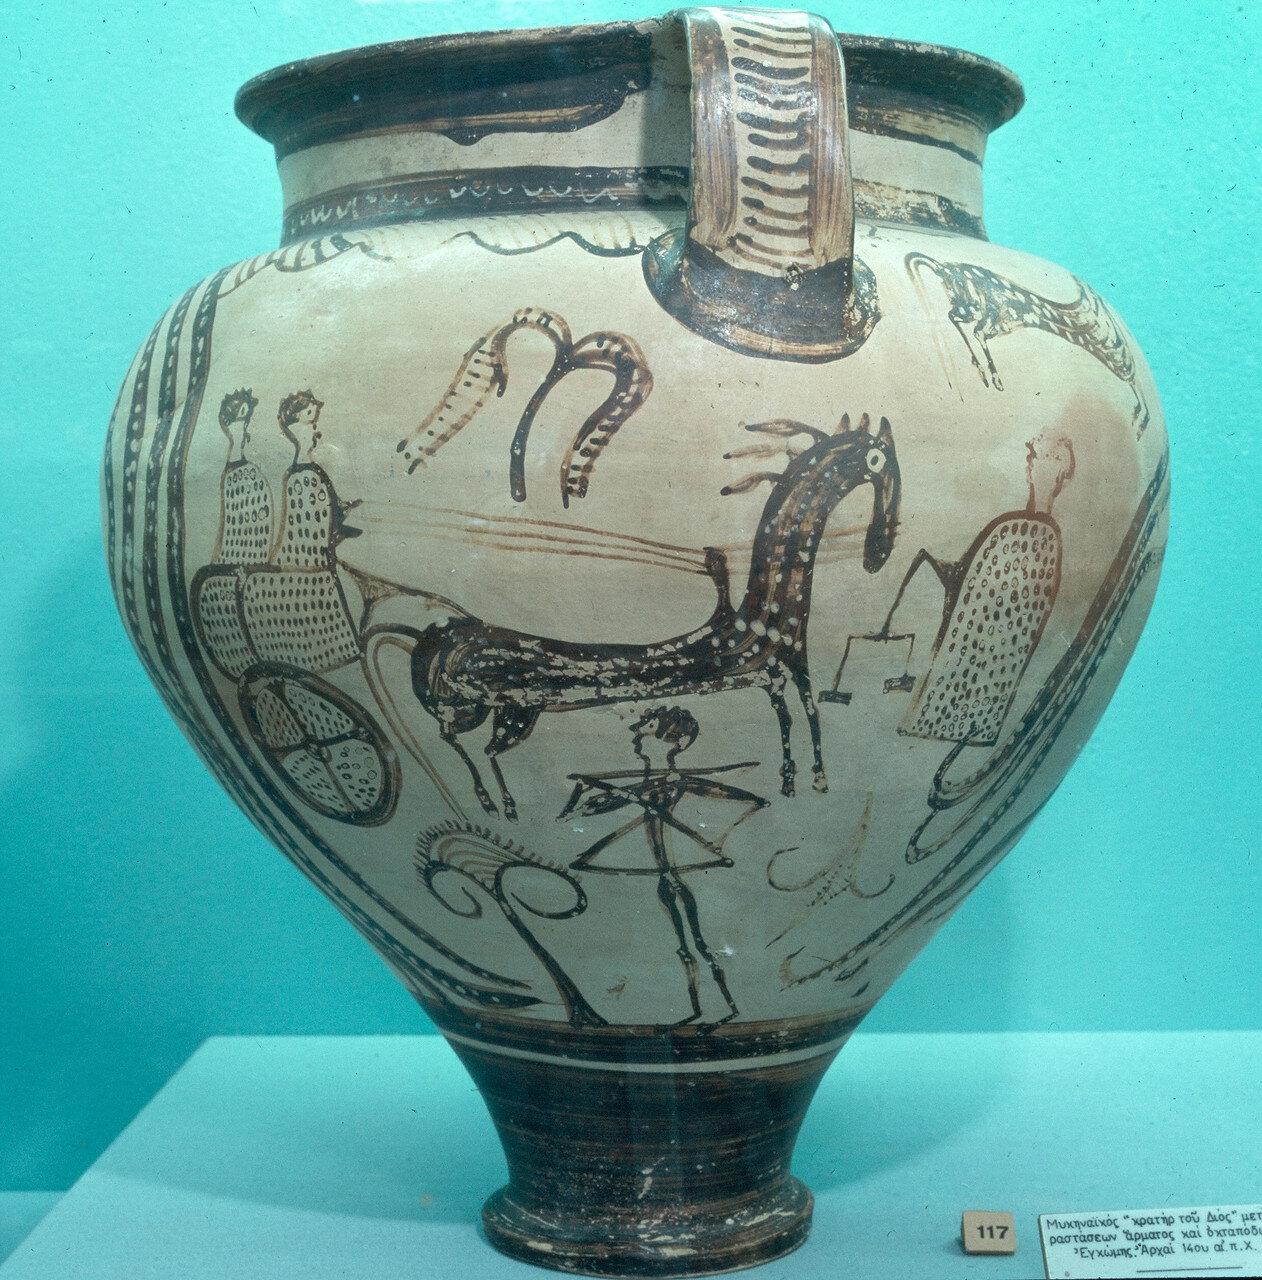 Кипр. Никосия. Музей. Кратер с изображением Зевса, высота 38 см. Начало XIV в. до н.э